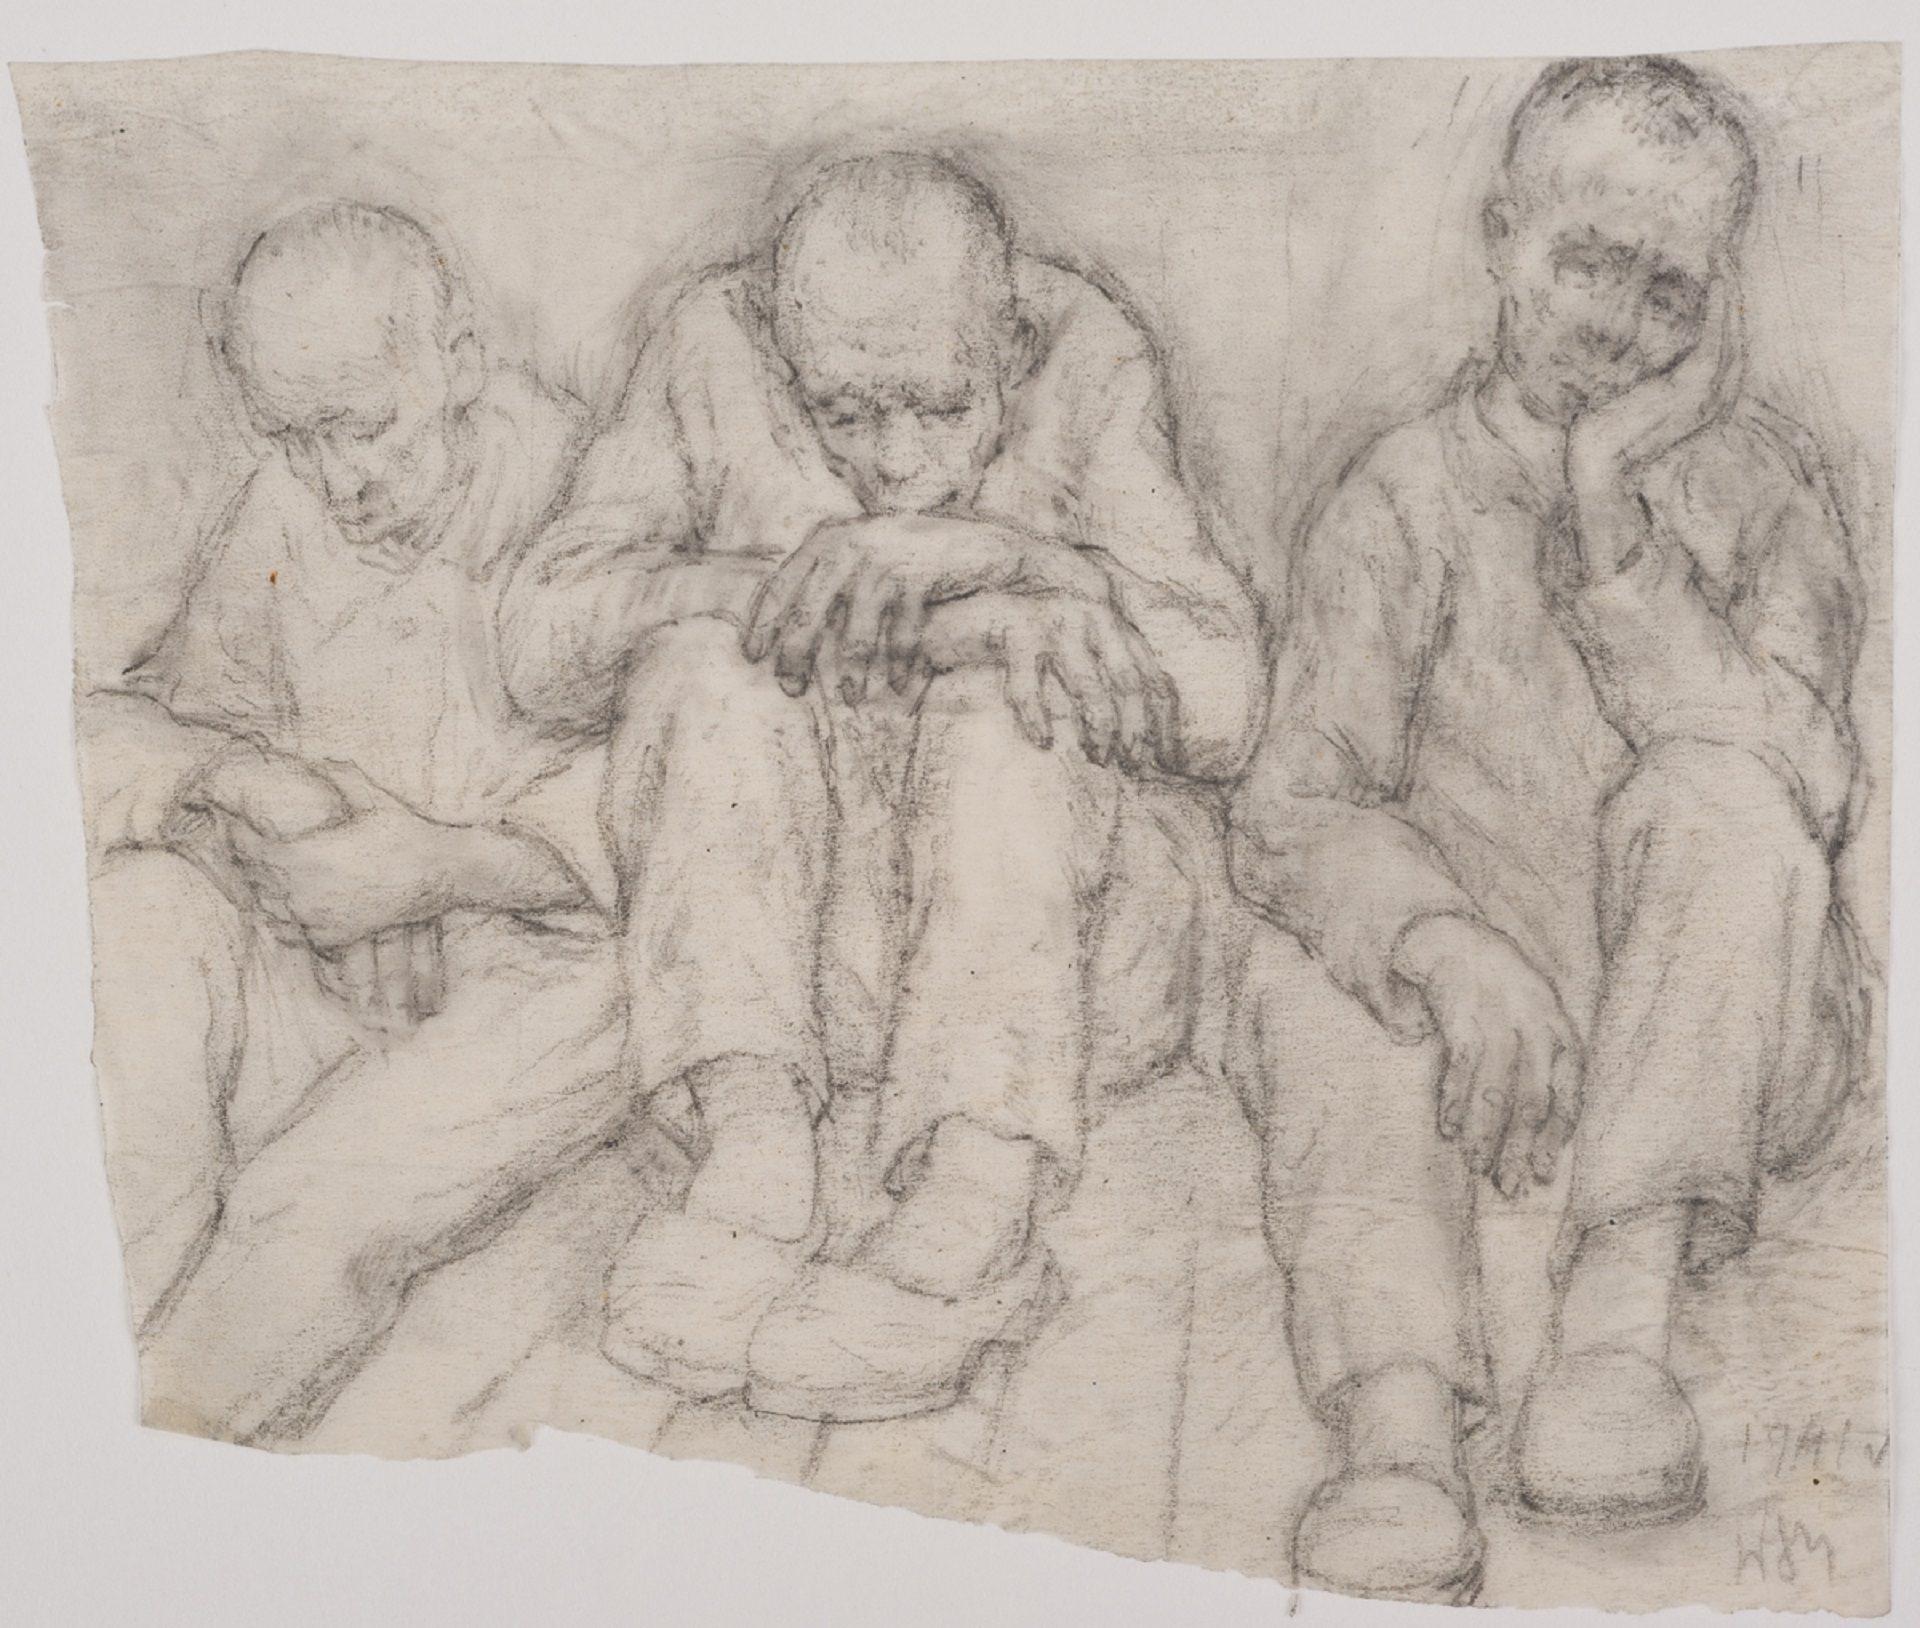 A Day Off, by Włodzimierz Siwierski, Auschwitz 1941